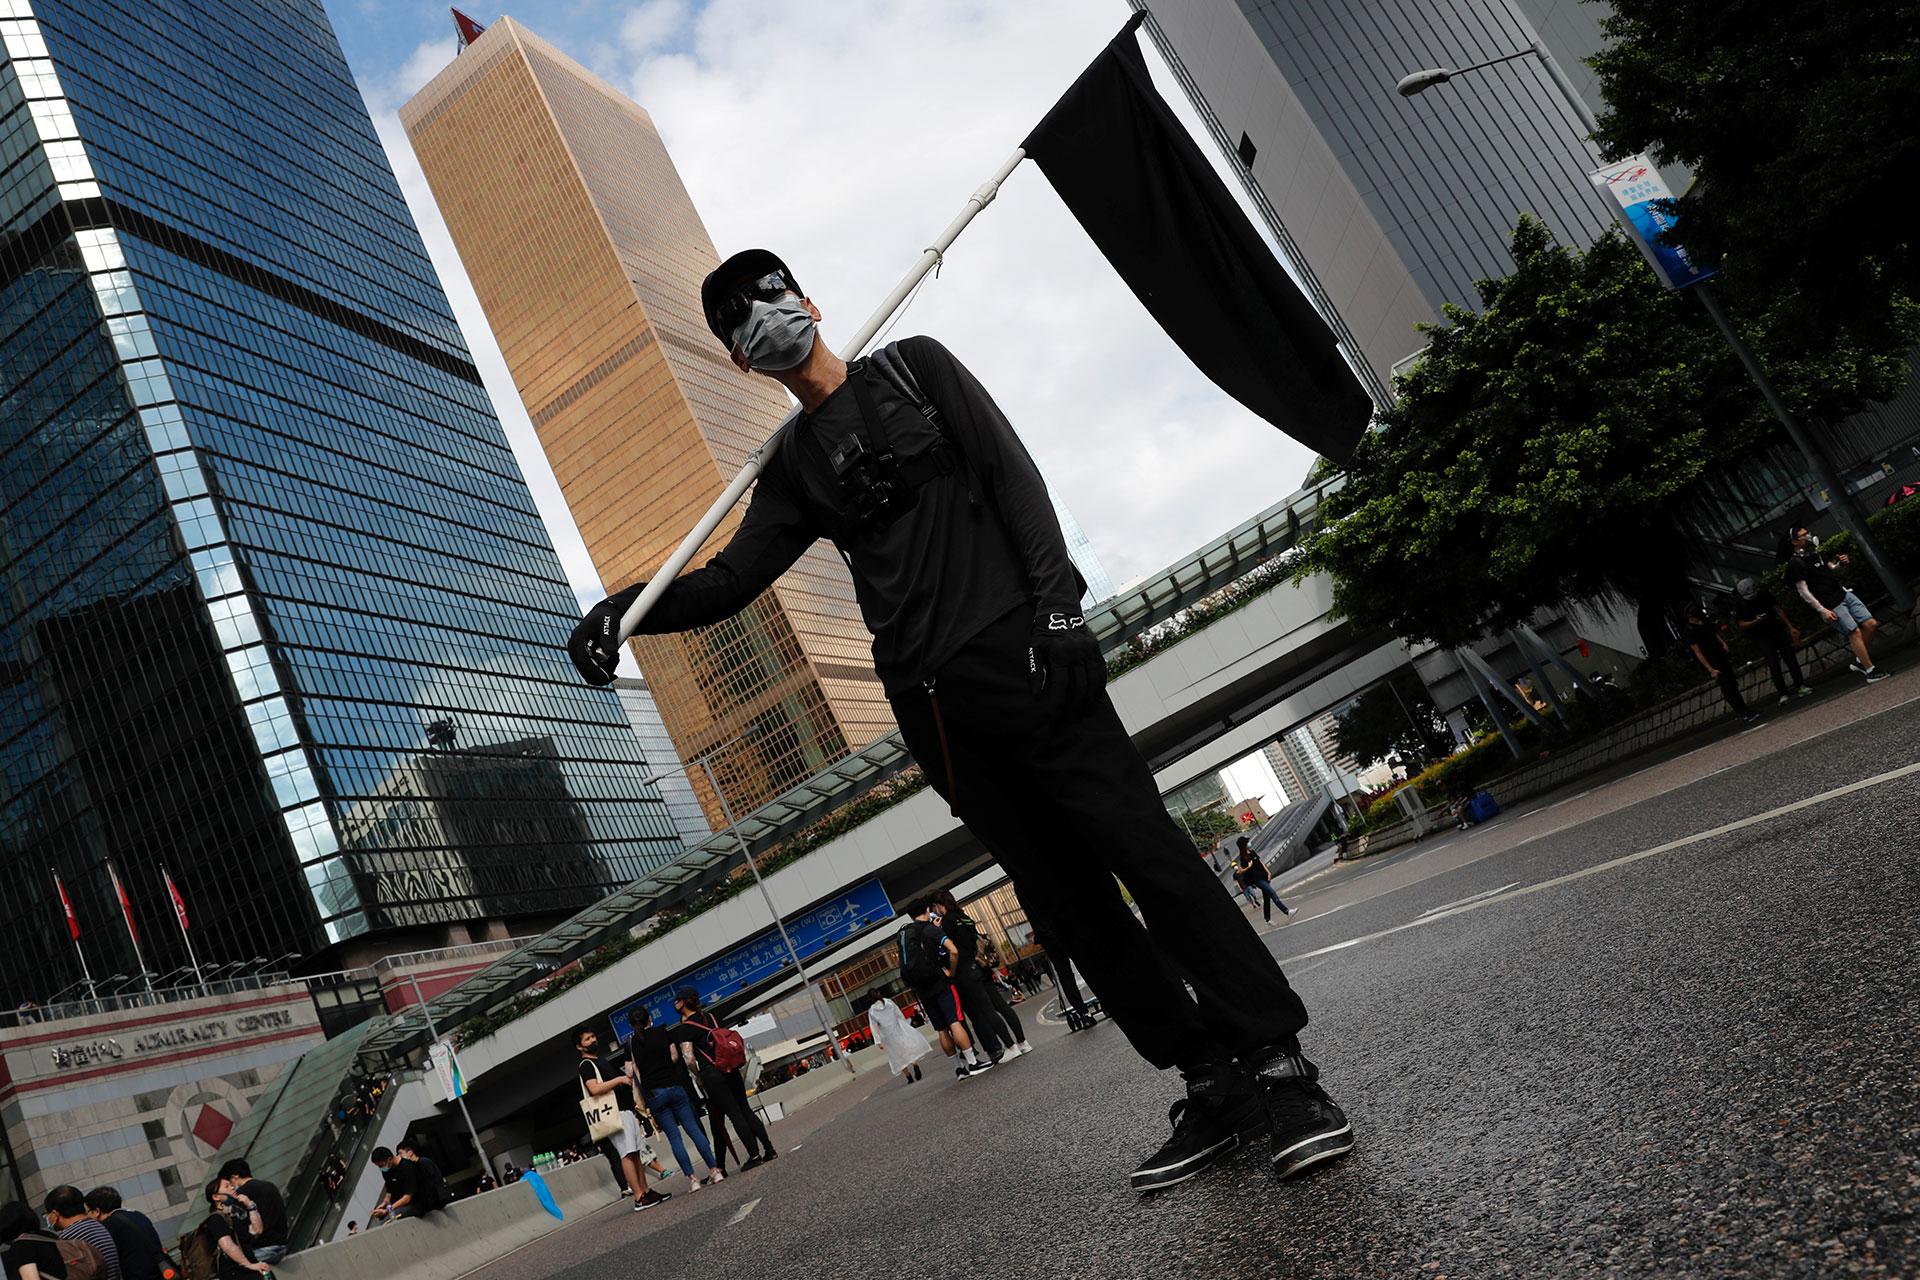 Un manifestante en contra de la extradición lleva una bandera negra. (Reuters / Tyrone Siu)